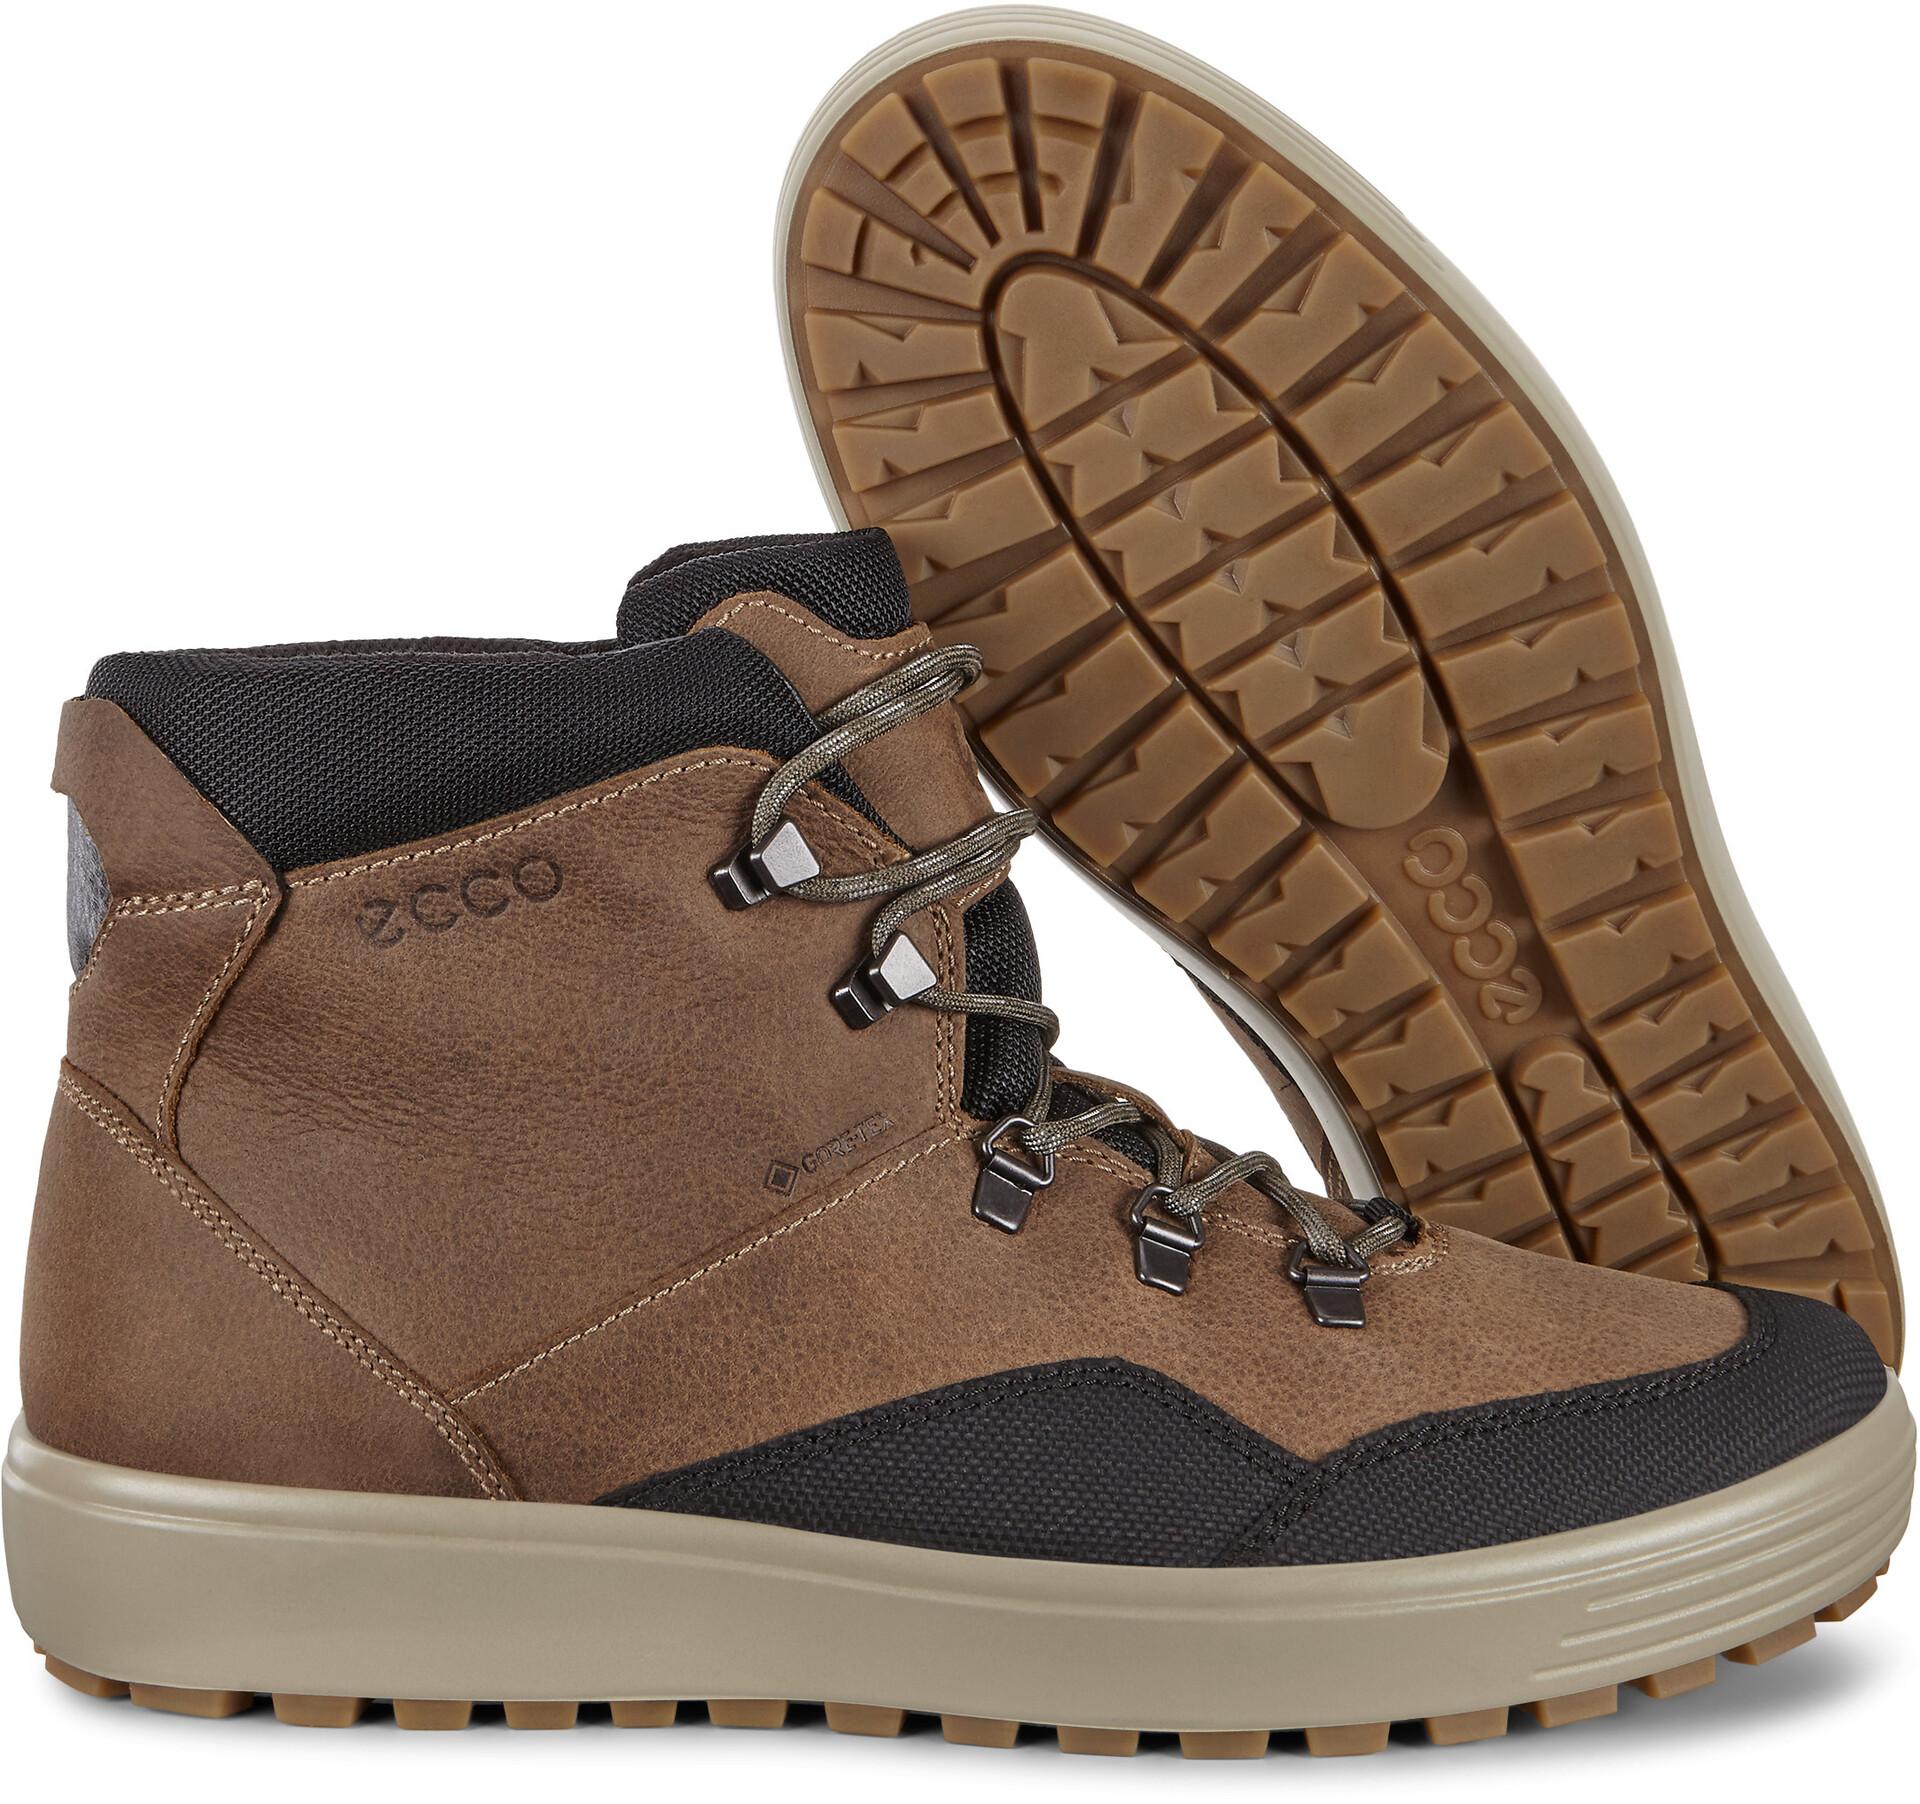 gut kaufen Auslauf echte Schuhe soft 7 tred stiefelette ecco